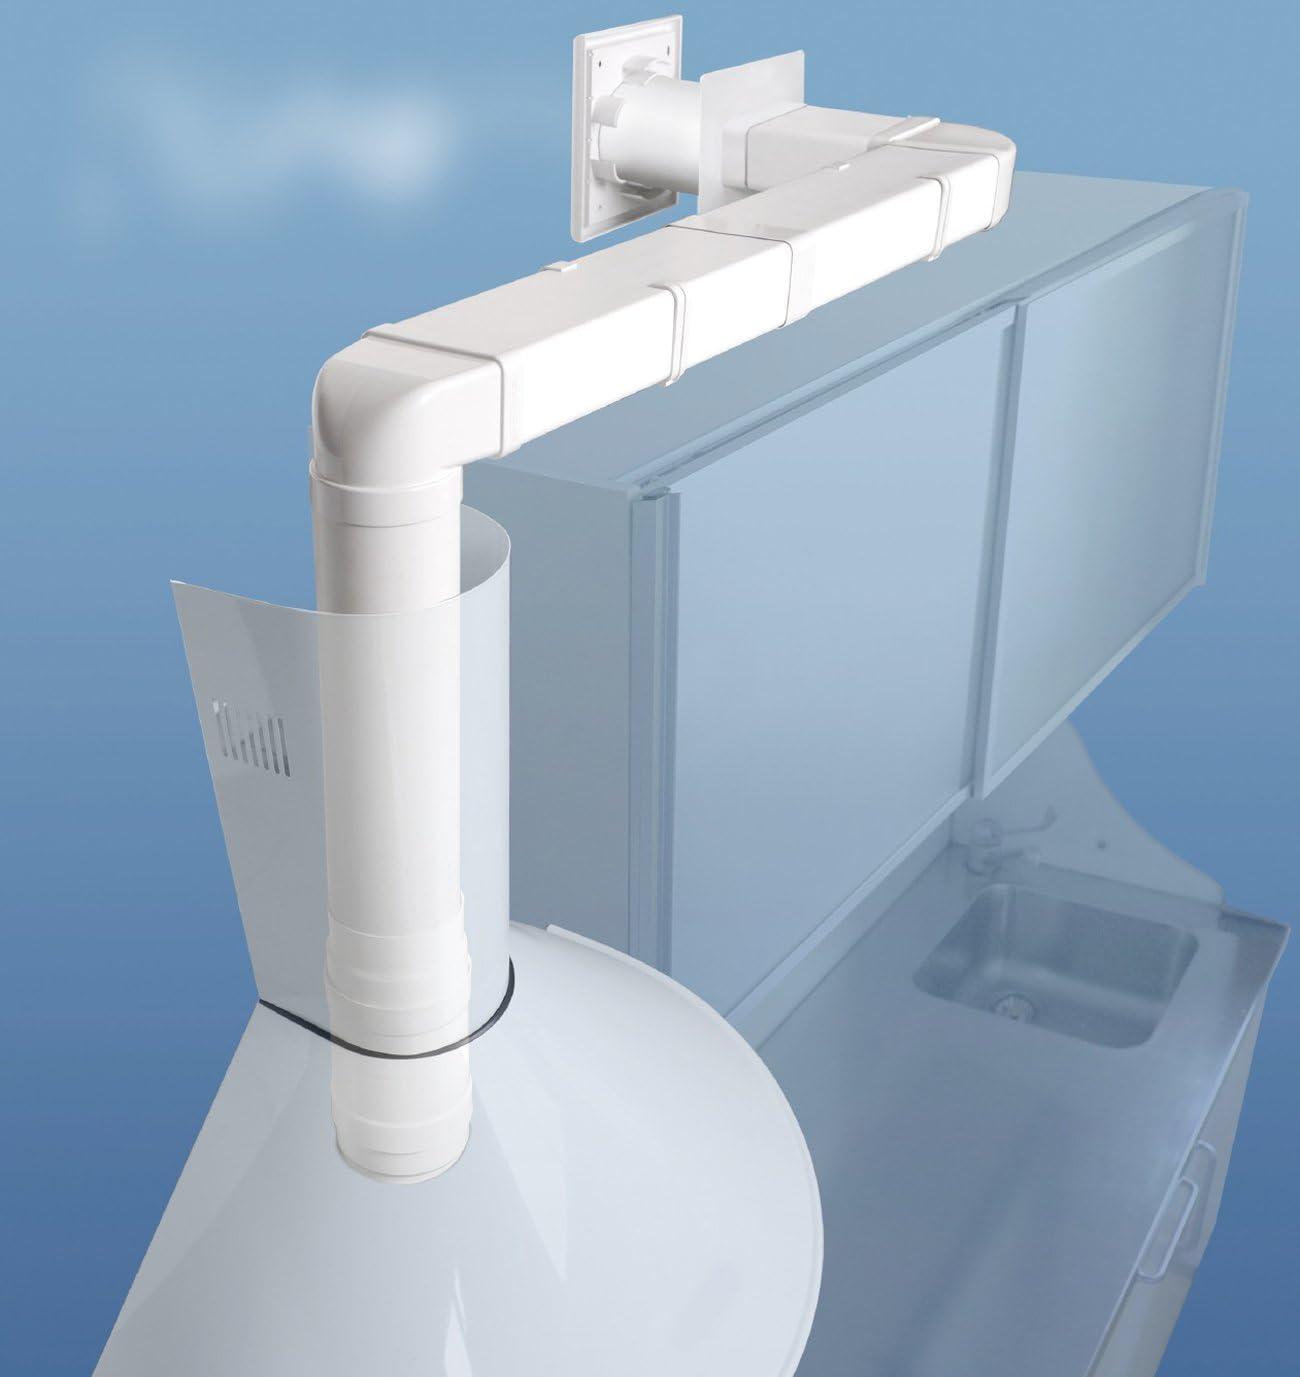 La ventilaci/ón c157rb Rejilla Terminal 180/x 100/mm de ABS de integrado blanco